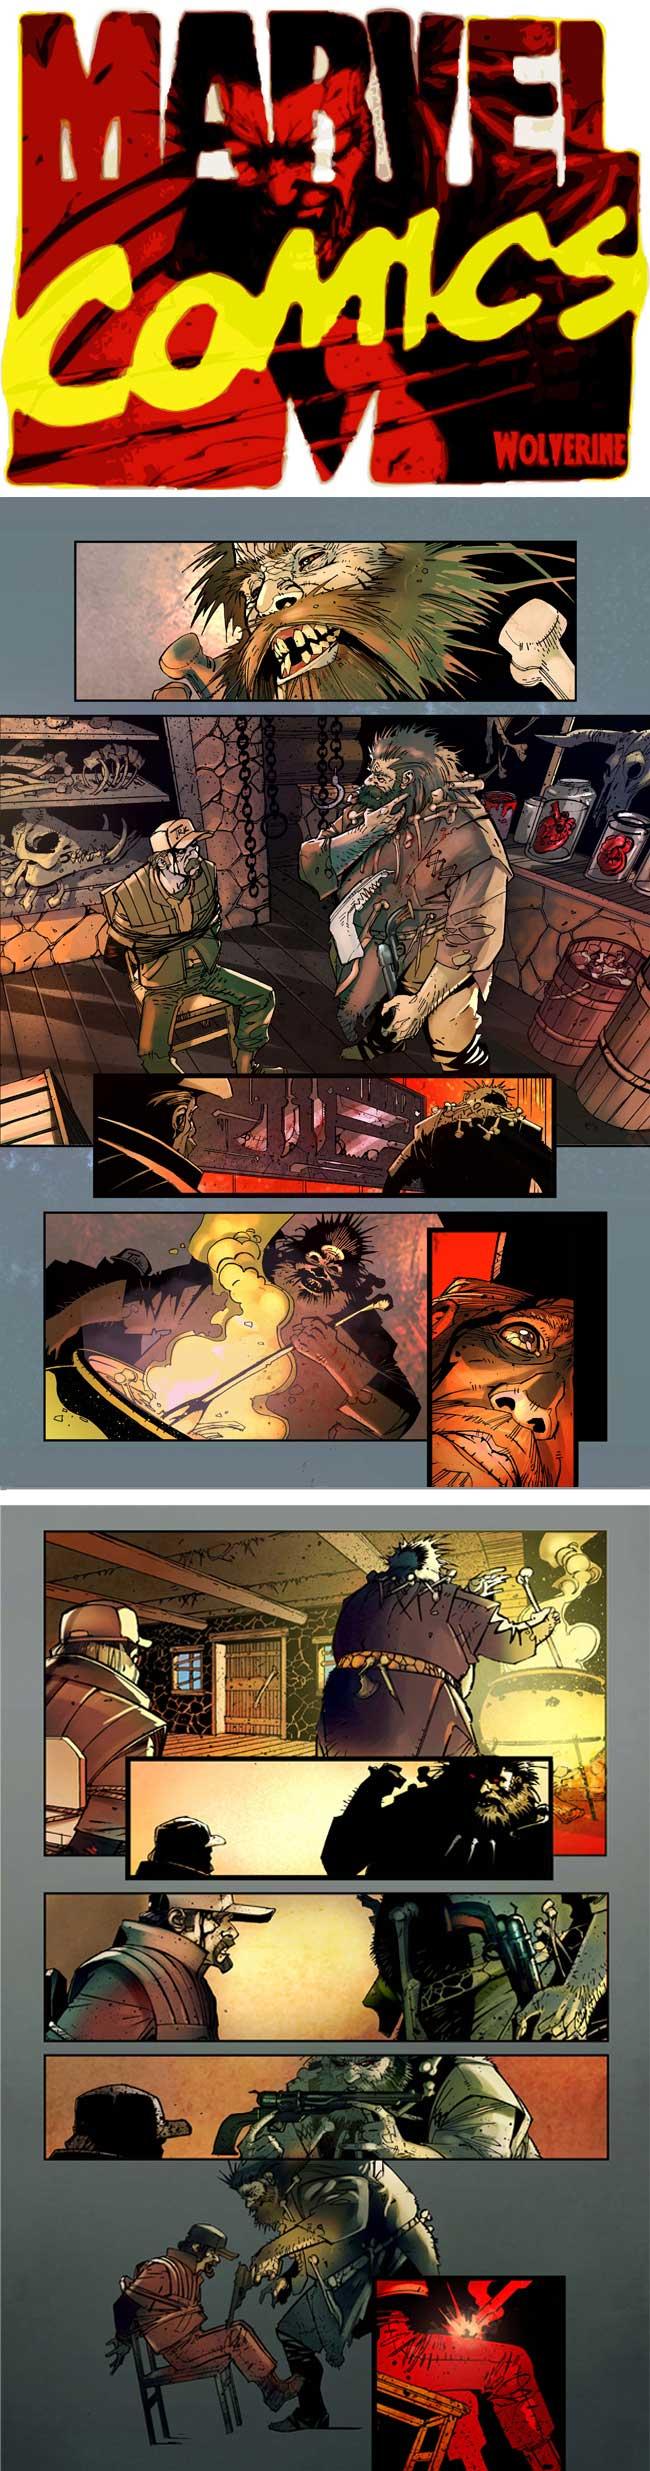 Wolverine y contactos para Marvel